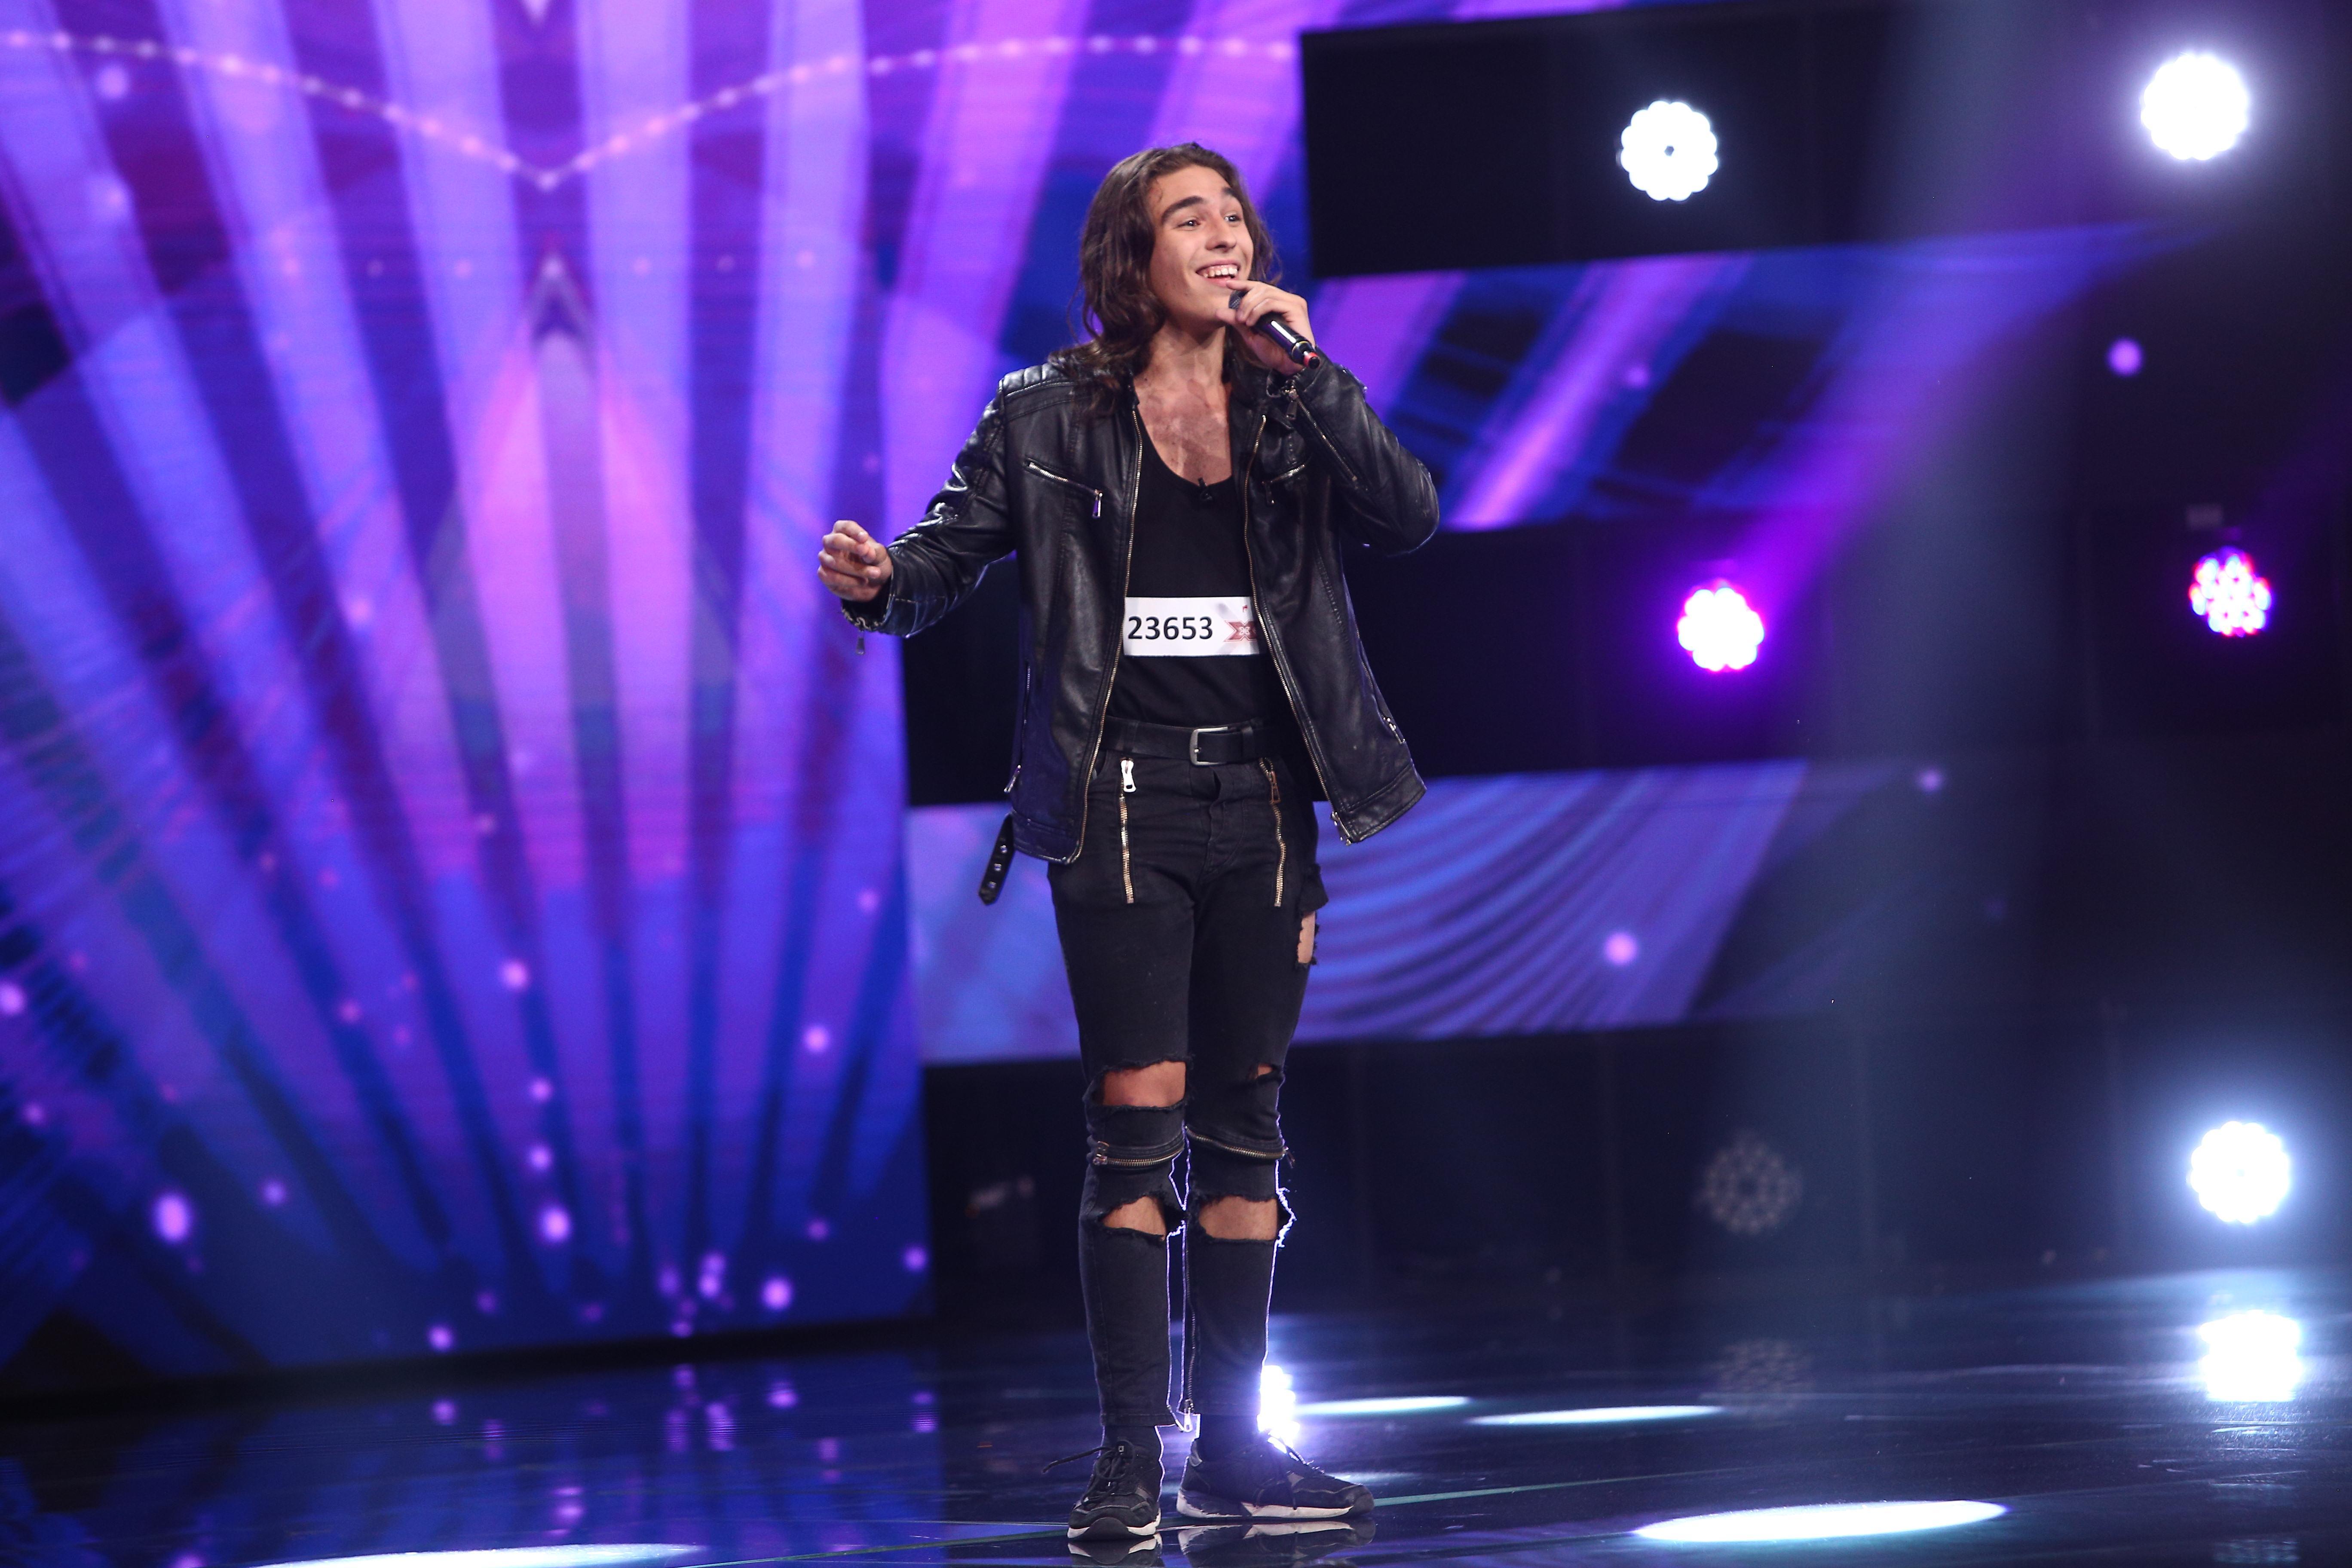 """X Factor 2021, 17 septembrie. Petru Georoiu a făcut show de senzație cu piesa """"Muro Shavo"""", dar nu s-a oprit aici. Ce a urmat"""